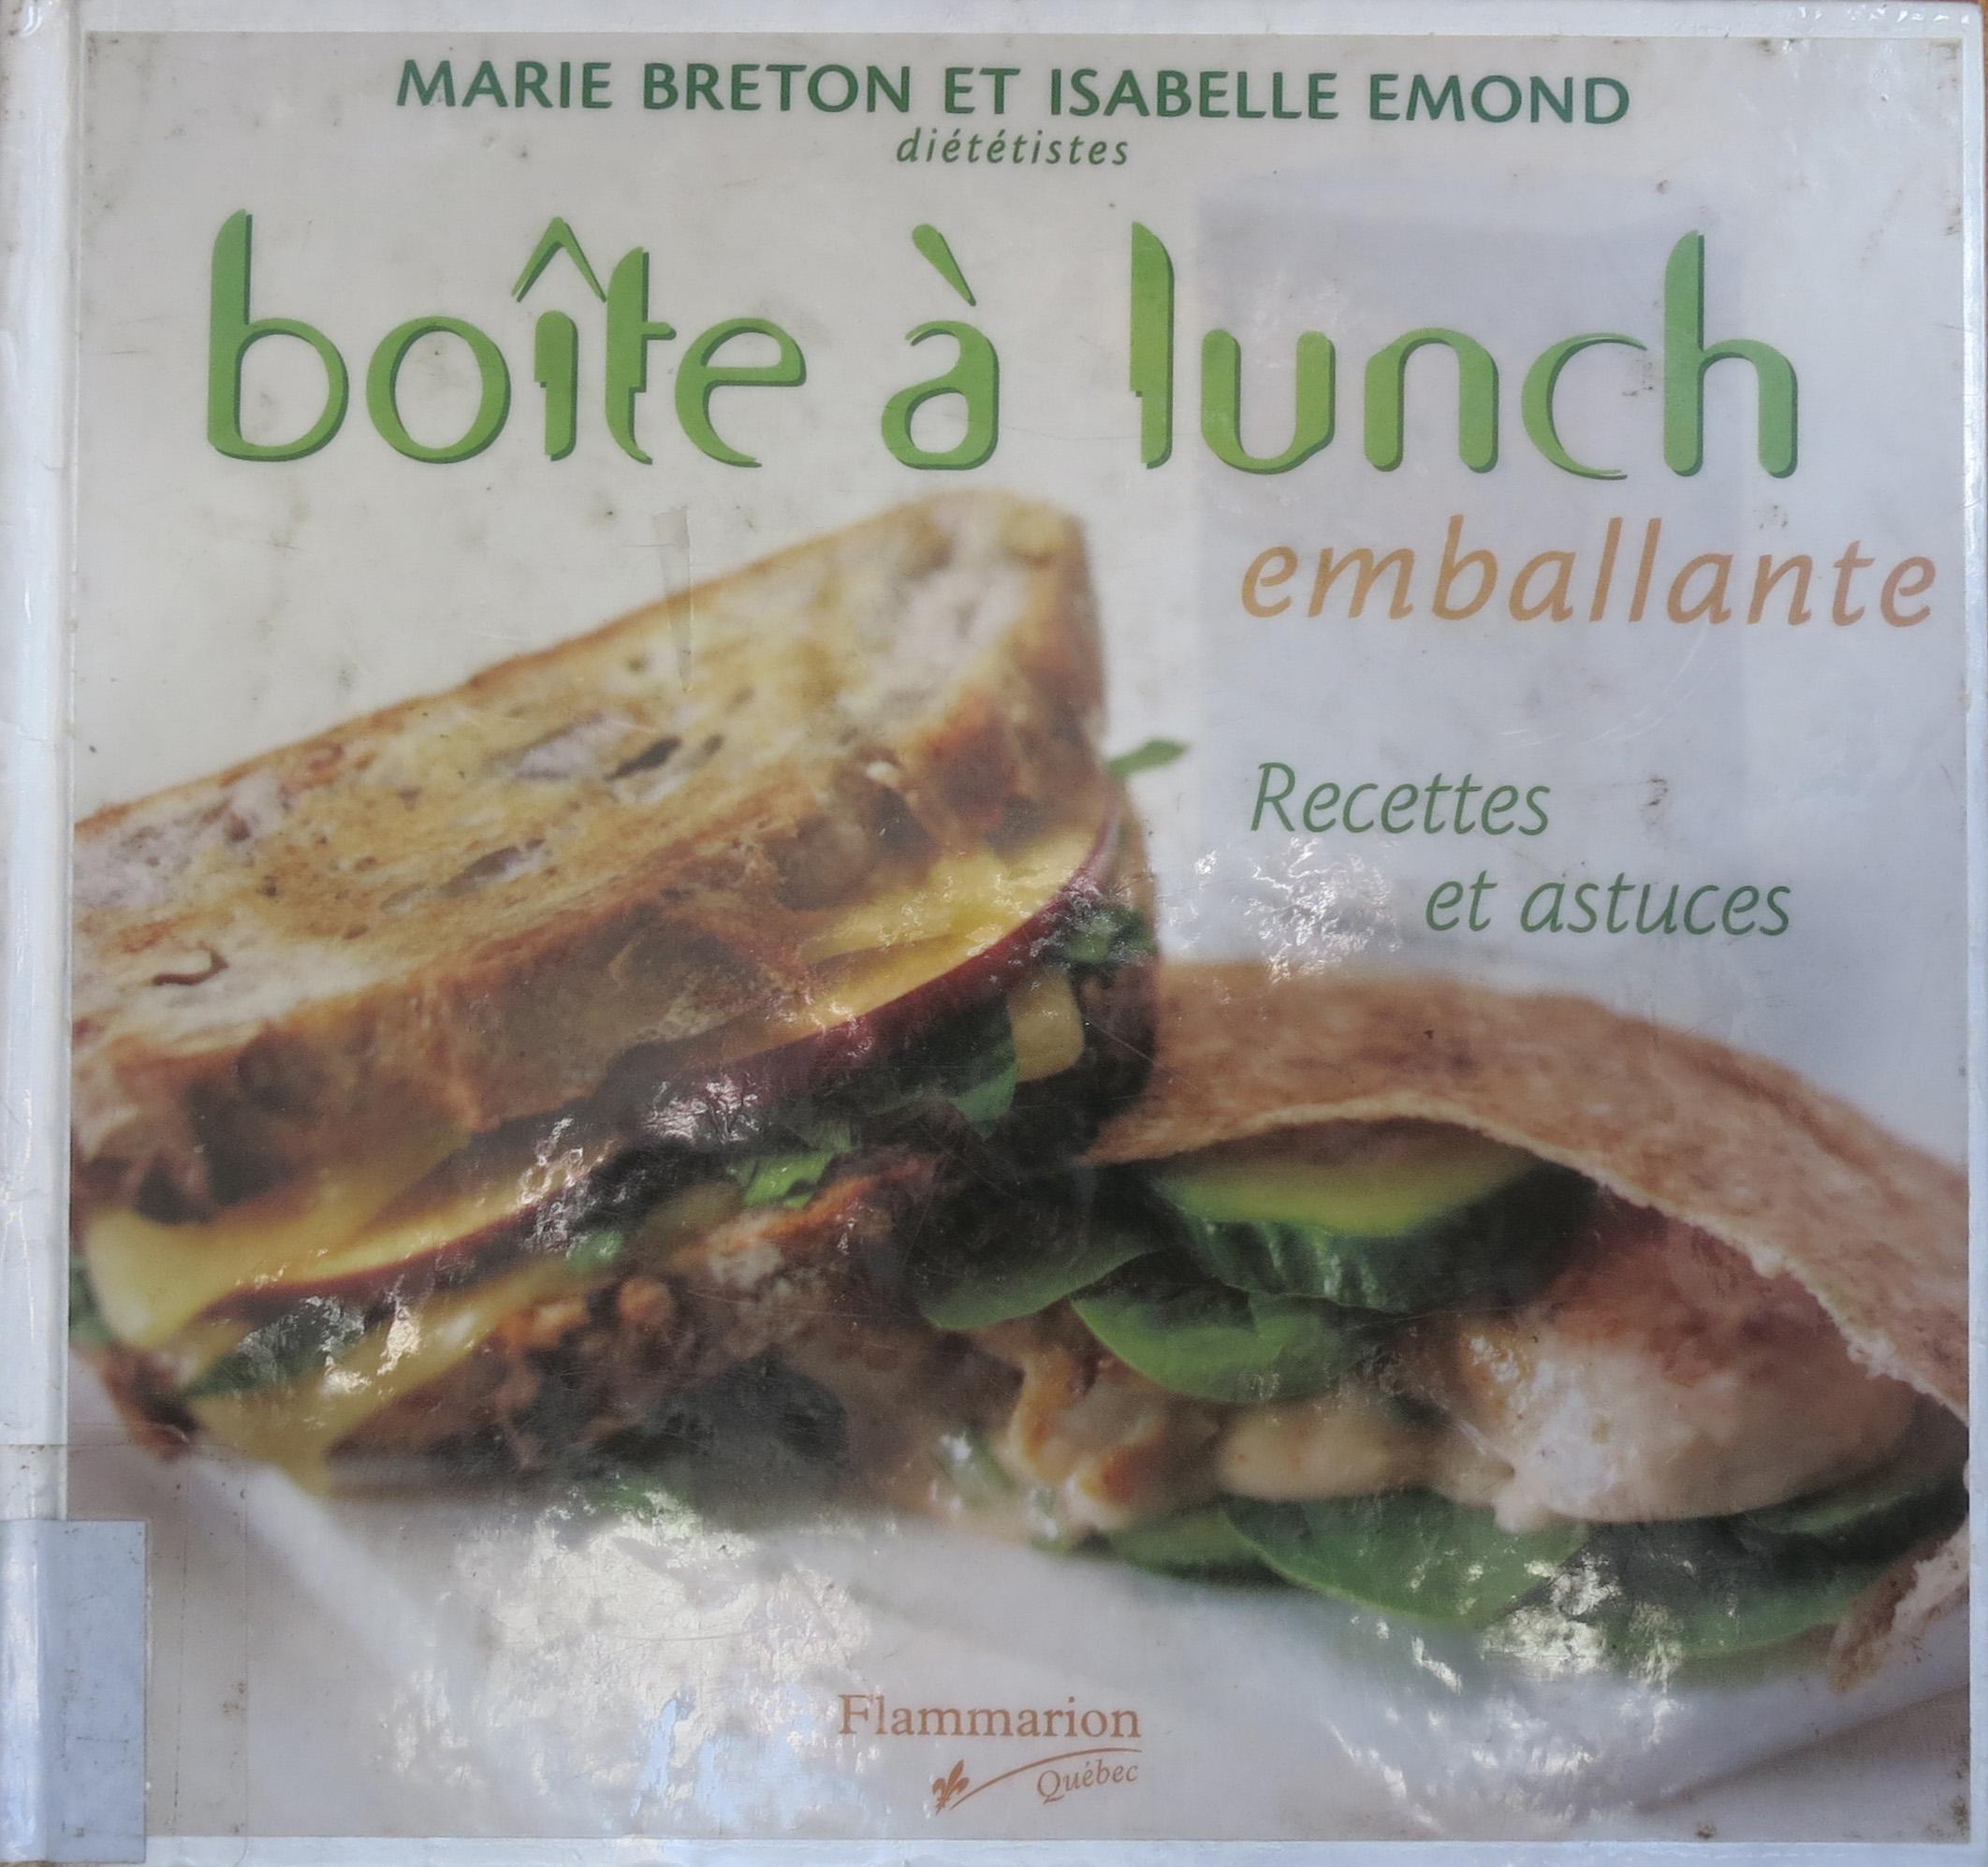 Boîte à lunch emballante, de Marie Breton et Isabelle Emond